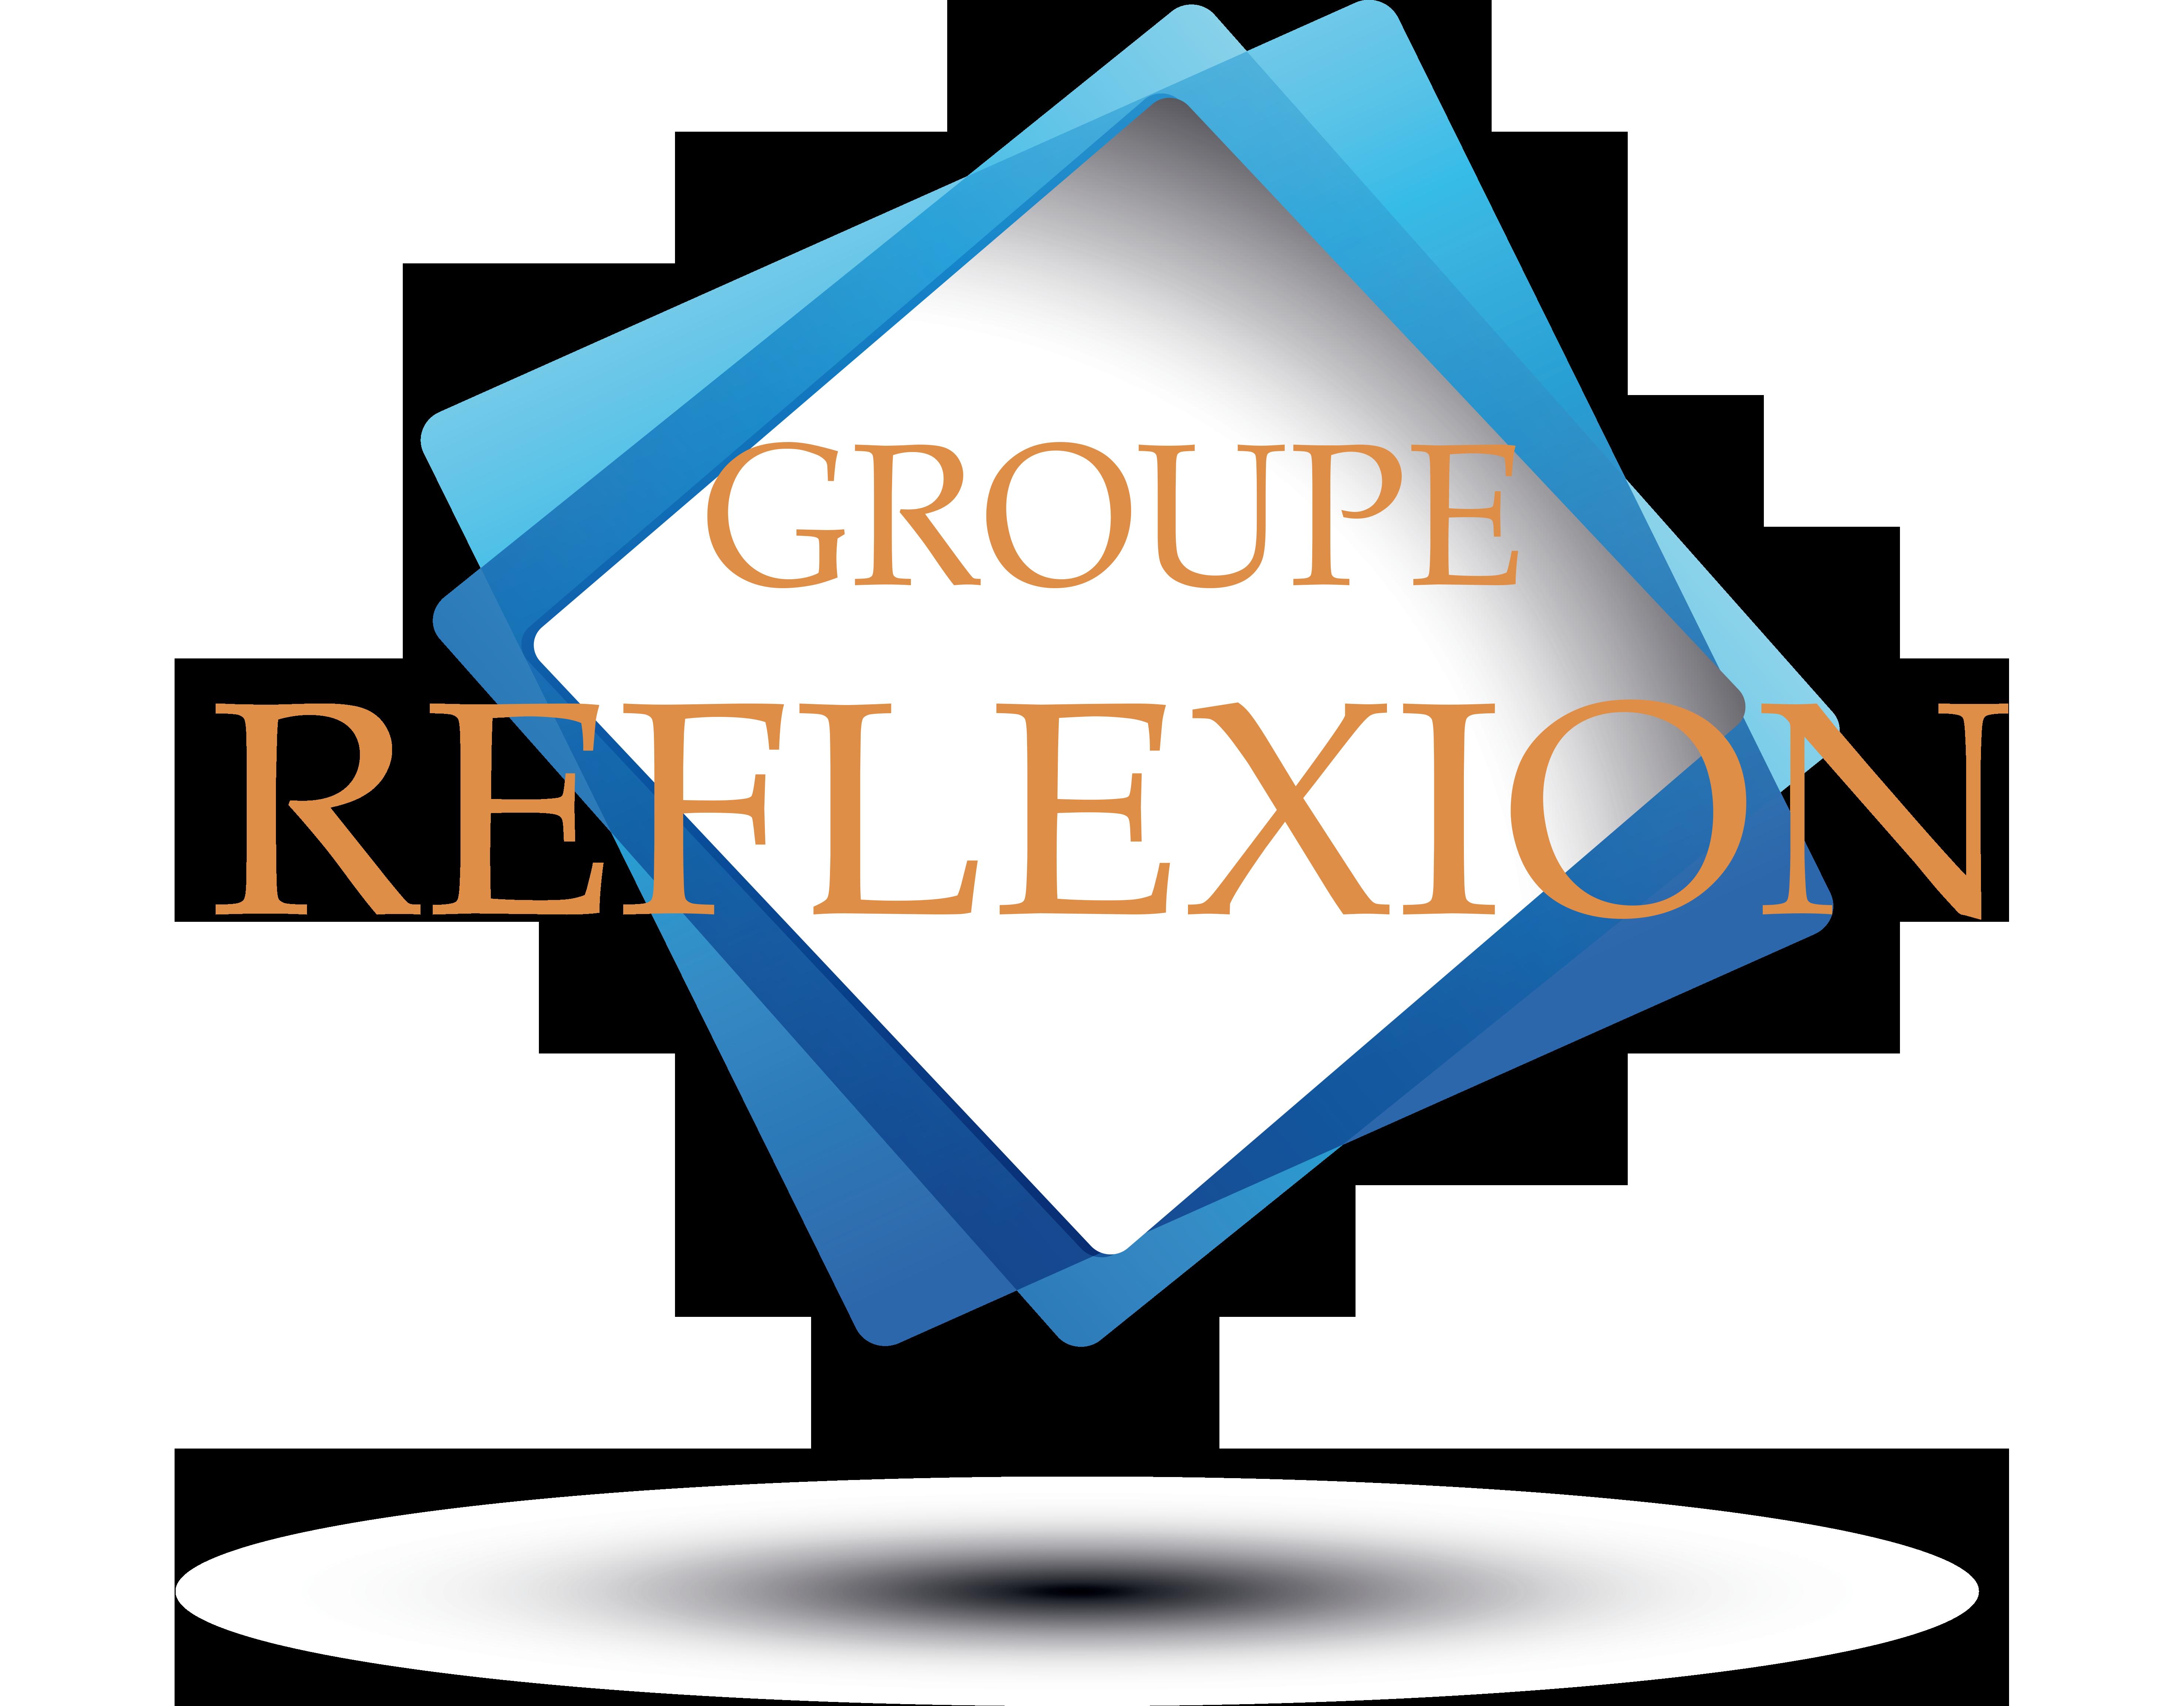 reflexionlogo